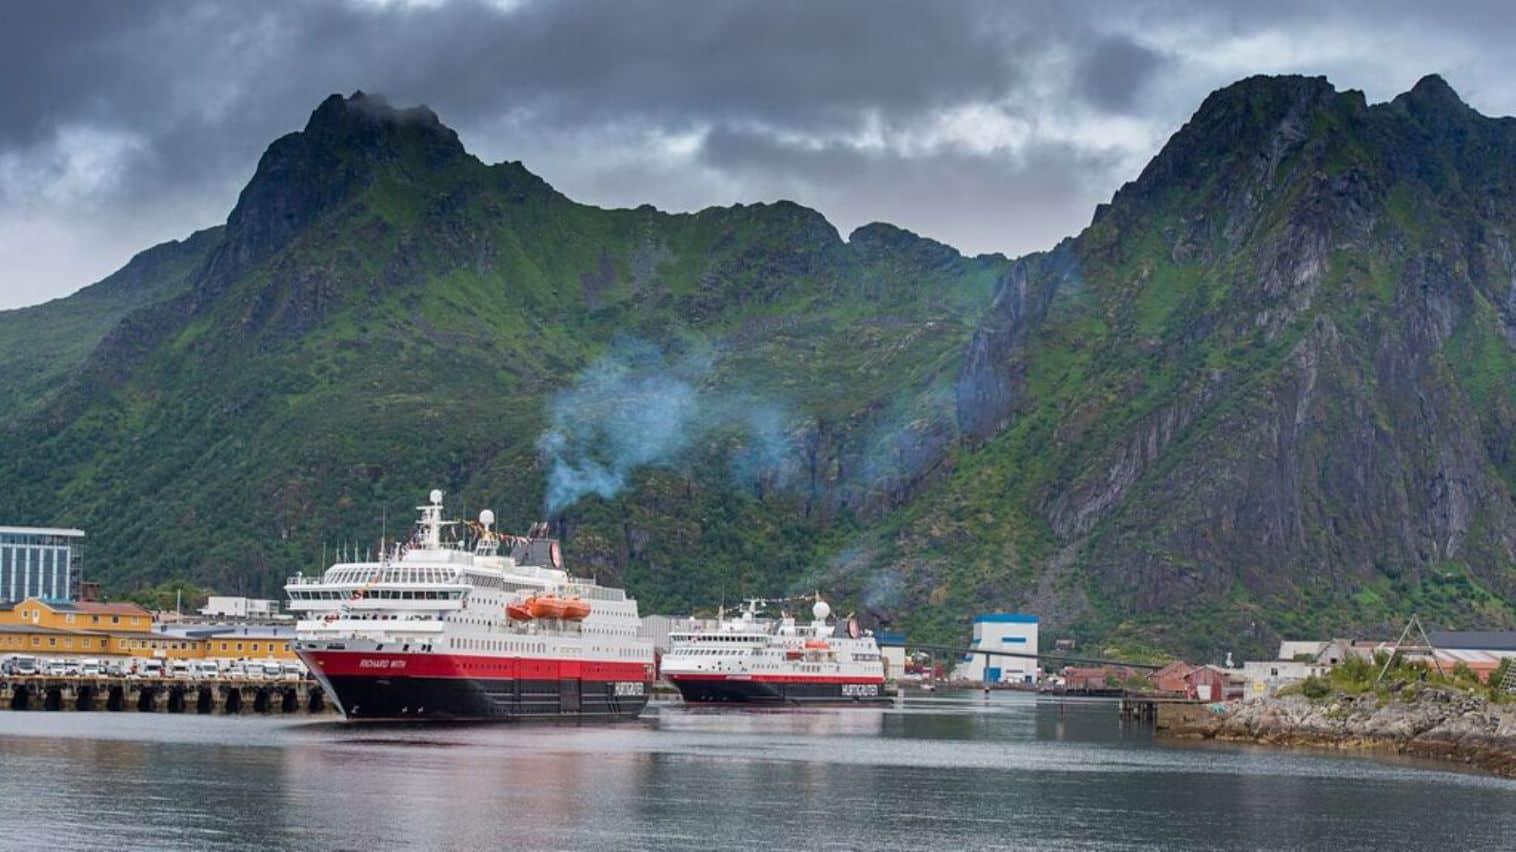 MS Richard With und Hurtigruten-Neuzugang MS Spitsbergen im Hafen von Svolvaer/Lofoten